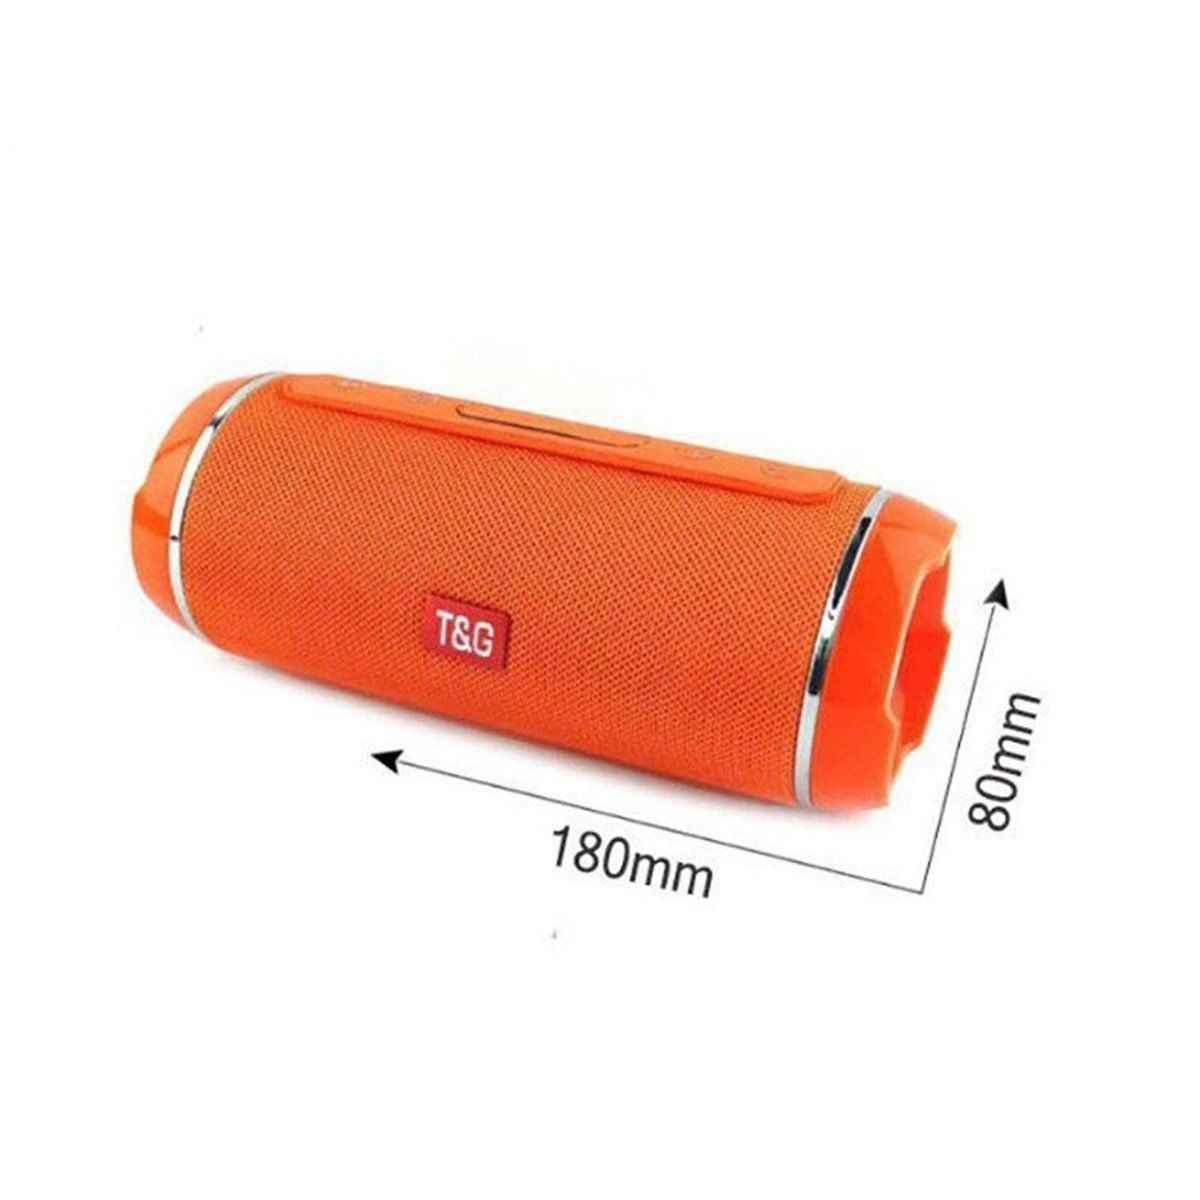 Горячая Портативная колонка TG117 Беспроводная Bluetooth Колонка Бас Звуковая Панель сабвуфер музыкальный плеер звуковая система